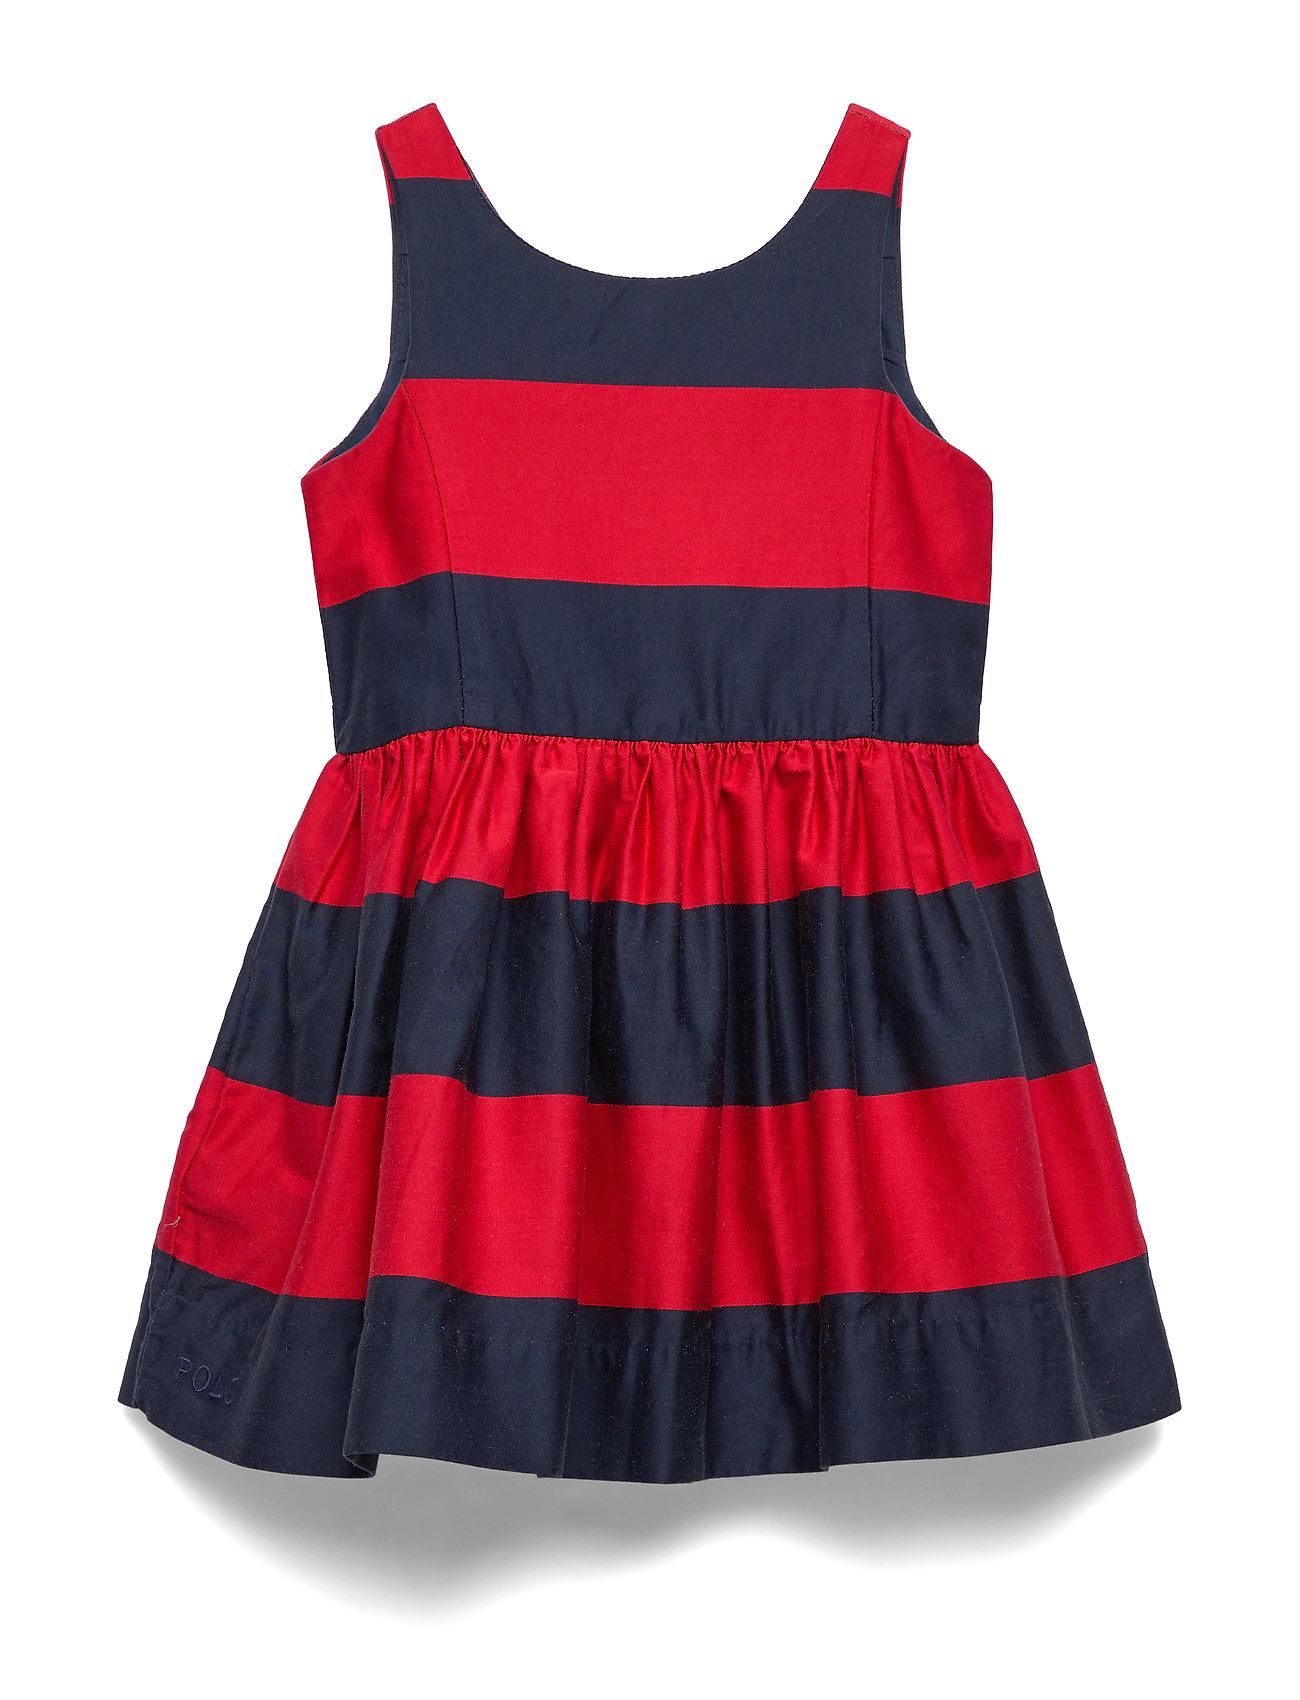 Ralph Lauren Kids Striped Cotton Sateen Dress - RED/NAVY